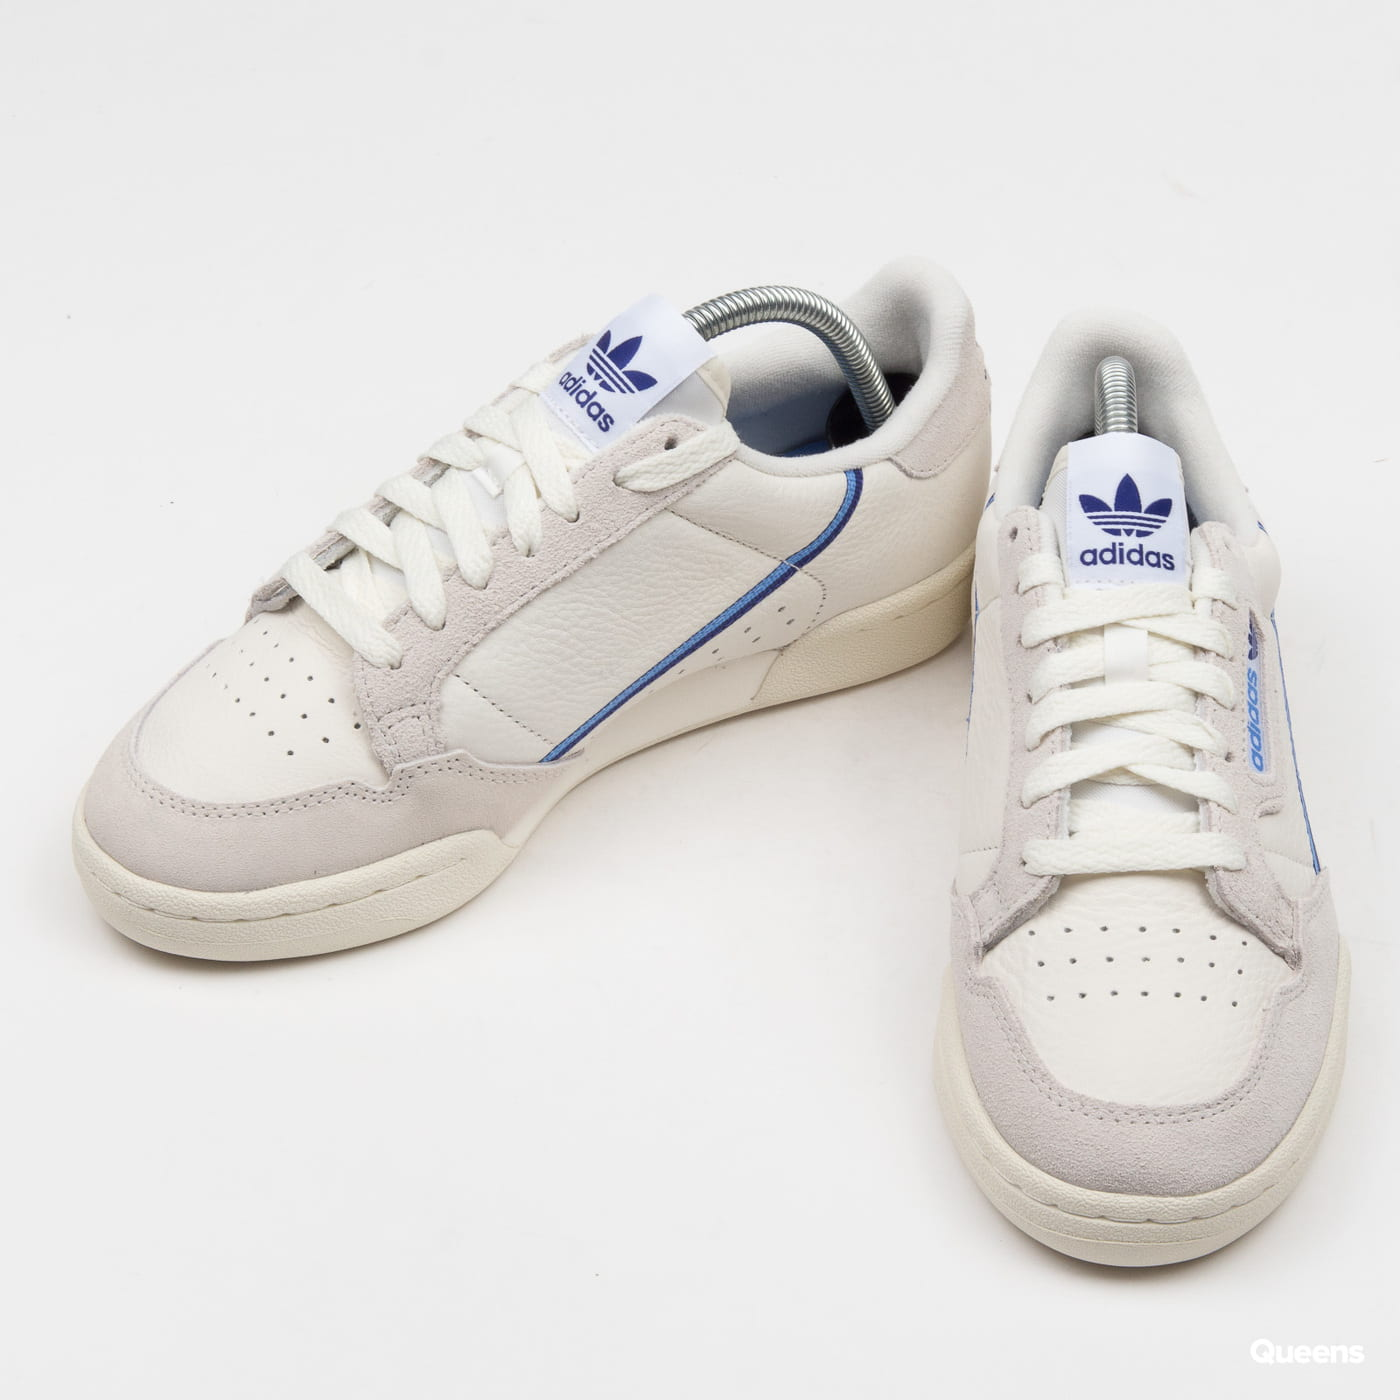 quality design 723bc af012 adidas-continental-80-w-91974 3.jpg